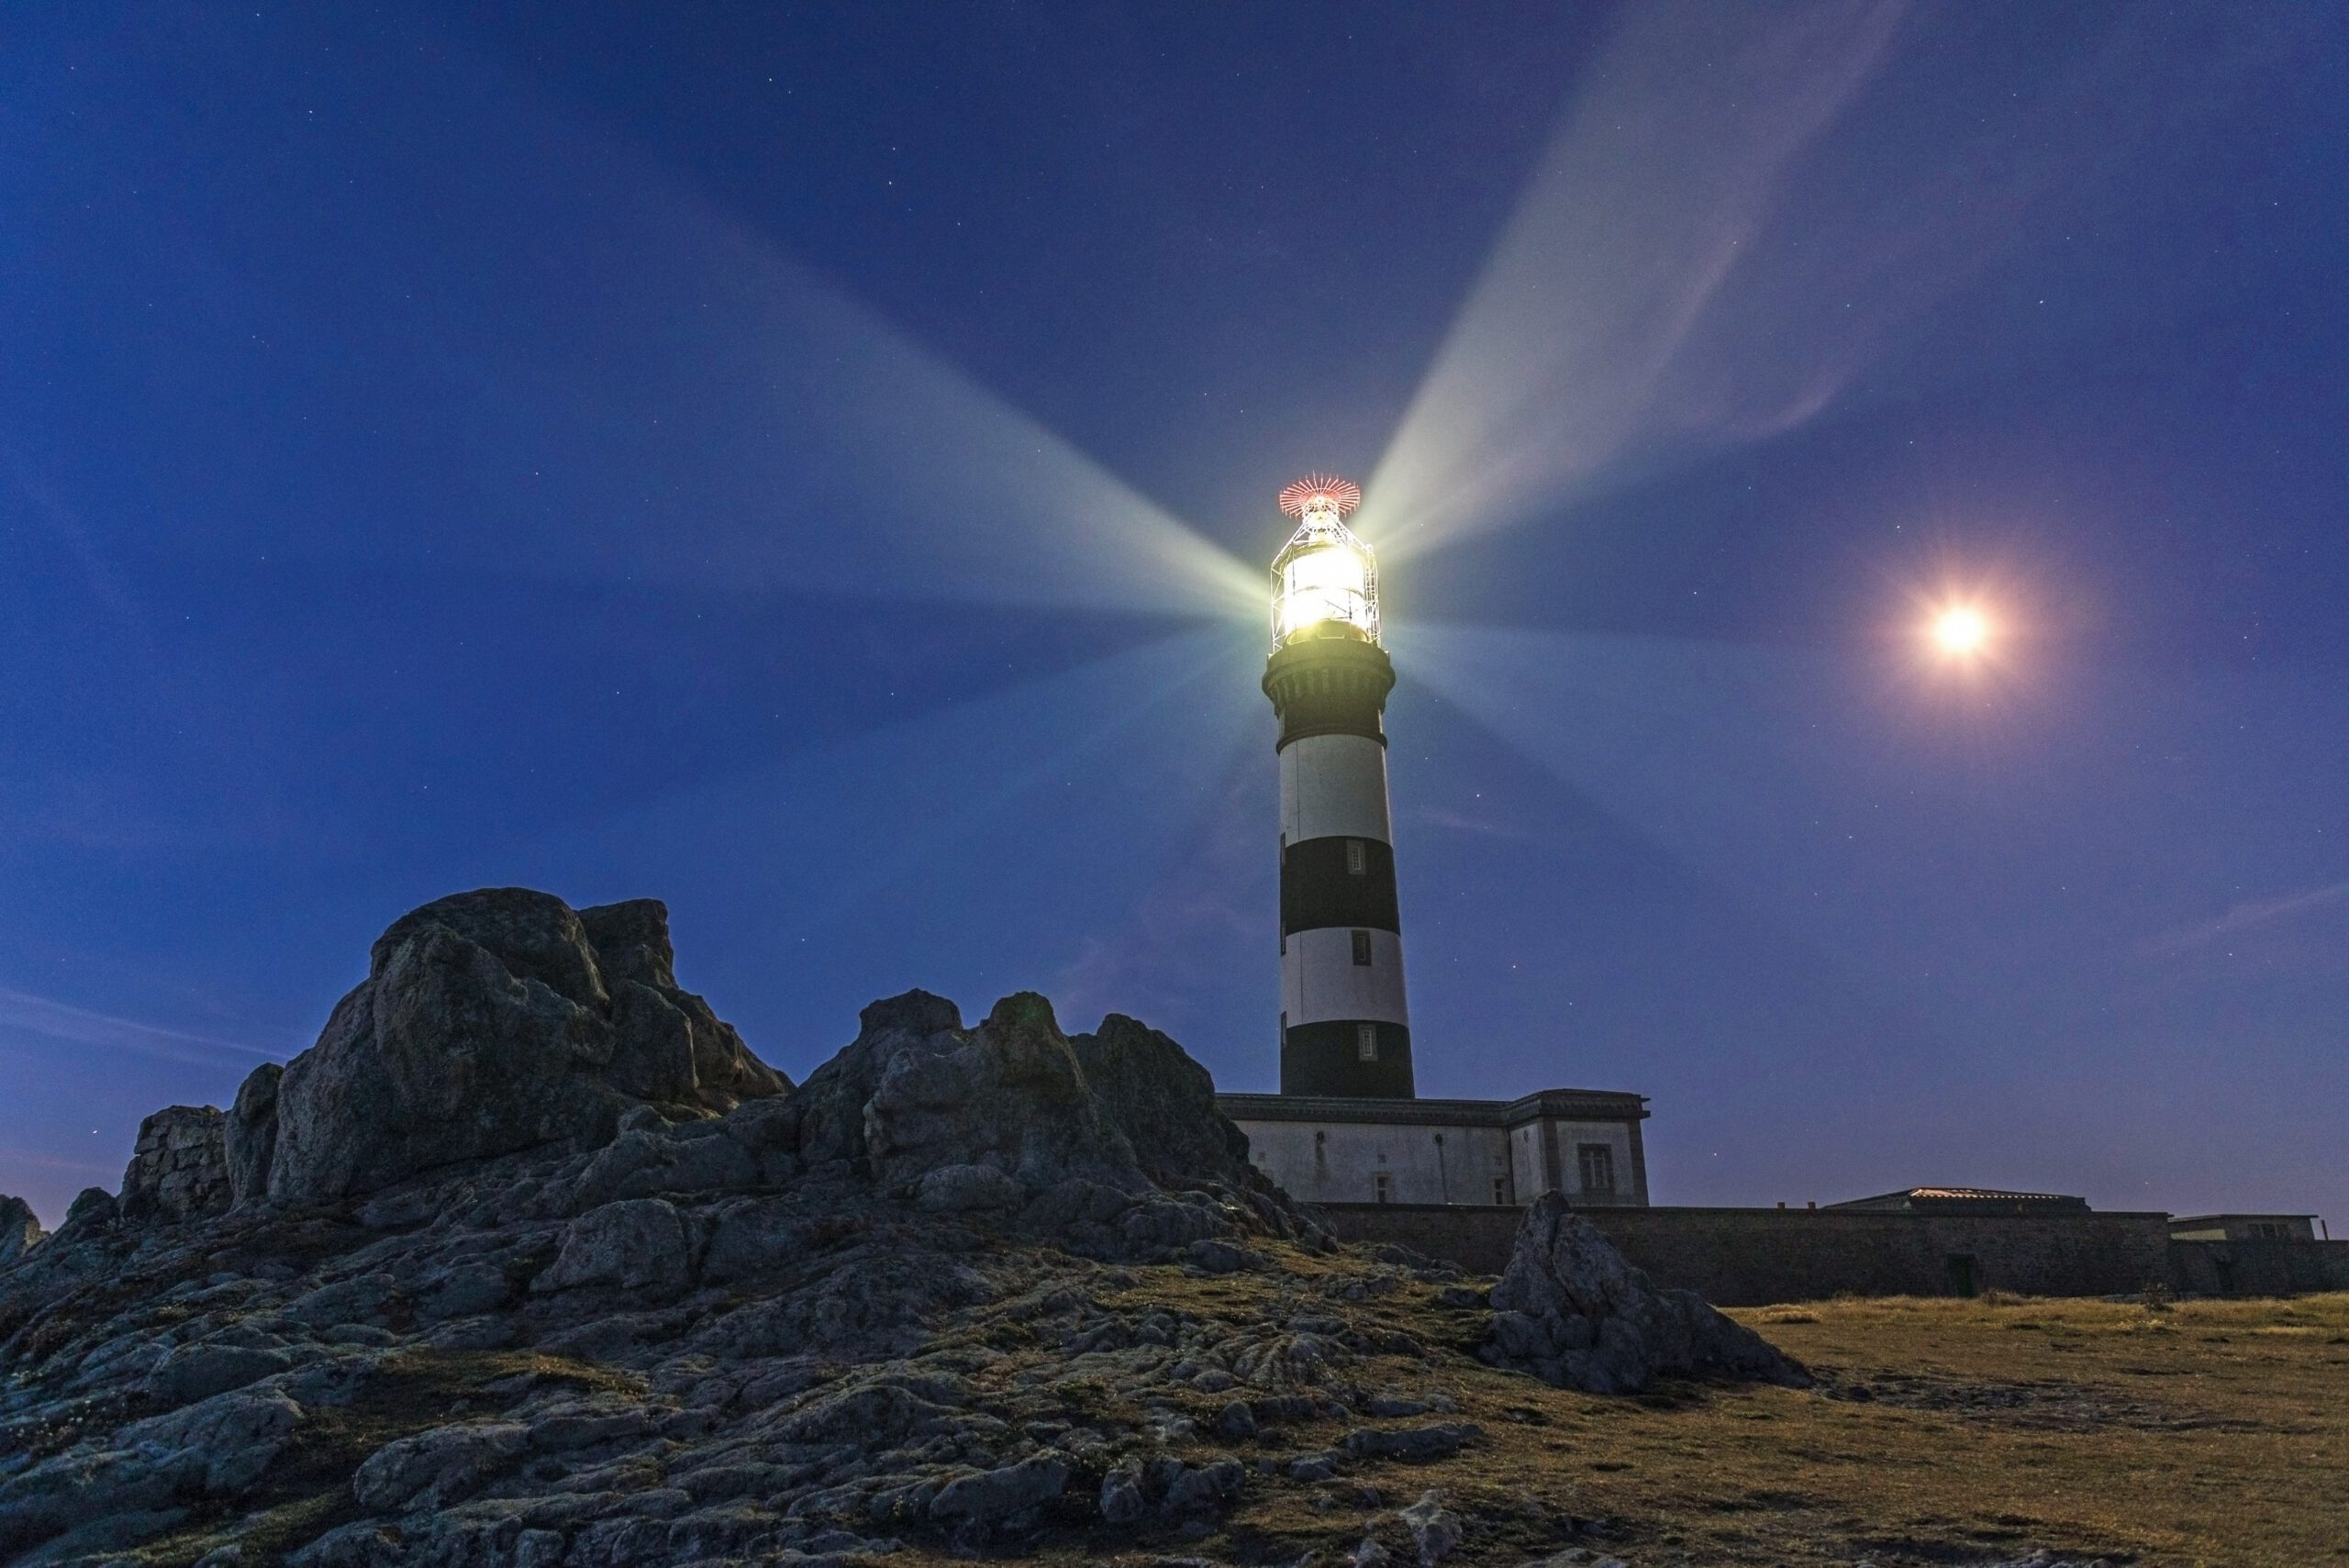 Nirgends auf der Welt gibt es so viele imposante Leuchttürme wie an den Küsten Frankreichs. Bild: Ivan Dragiev - stock.adobe.com